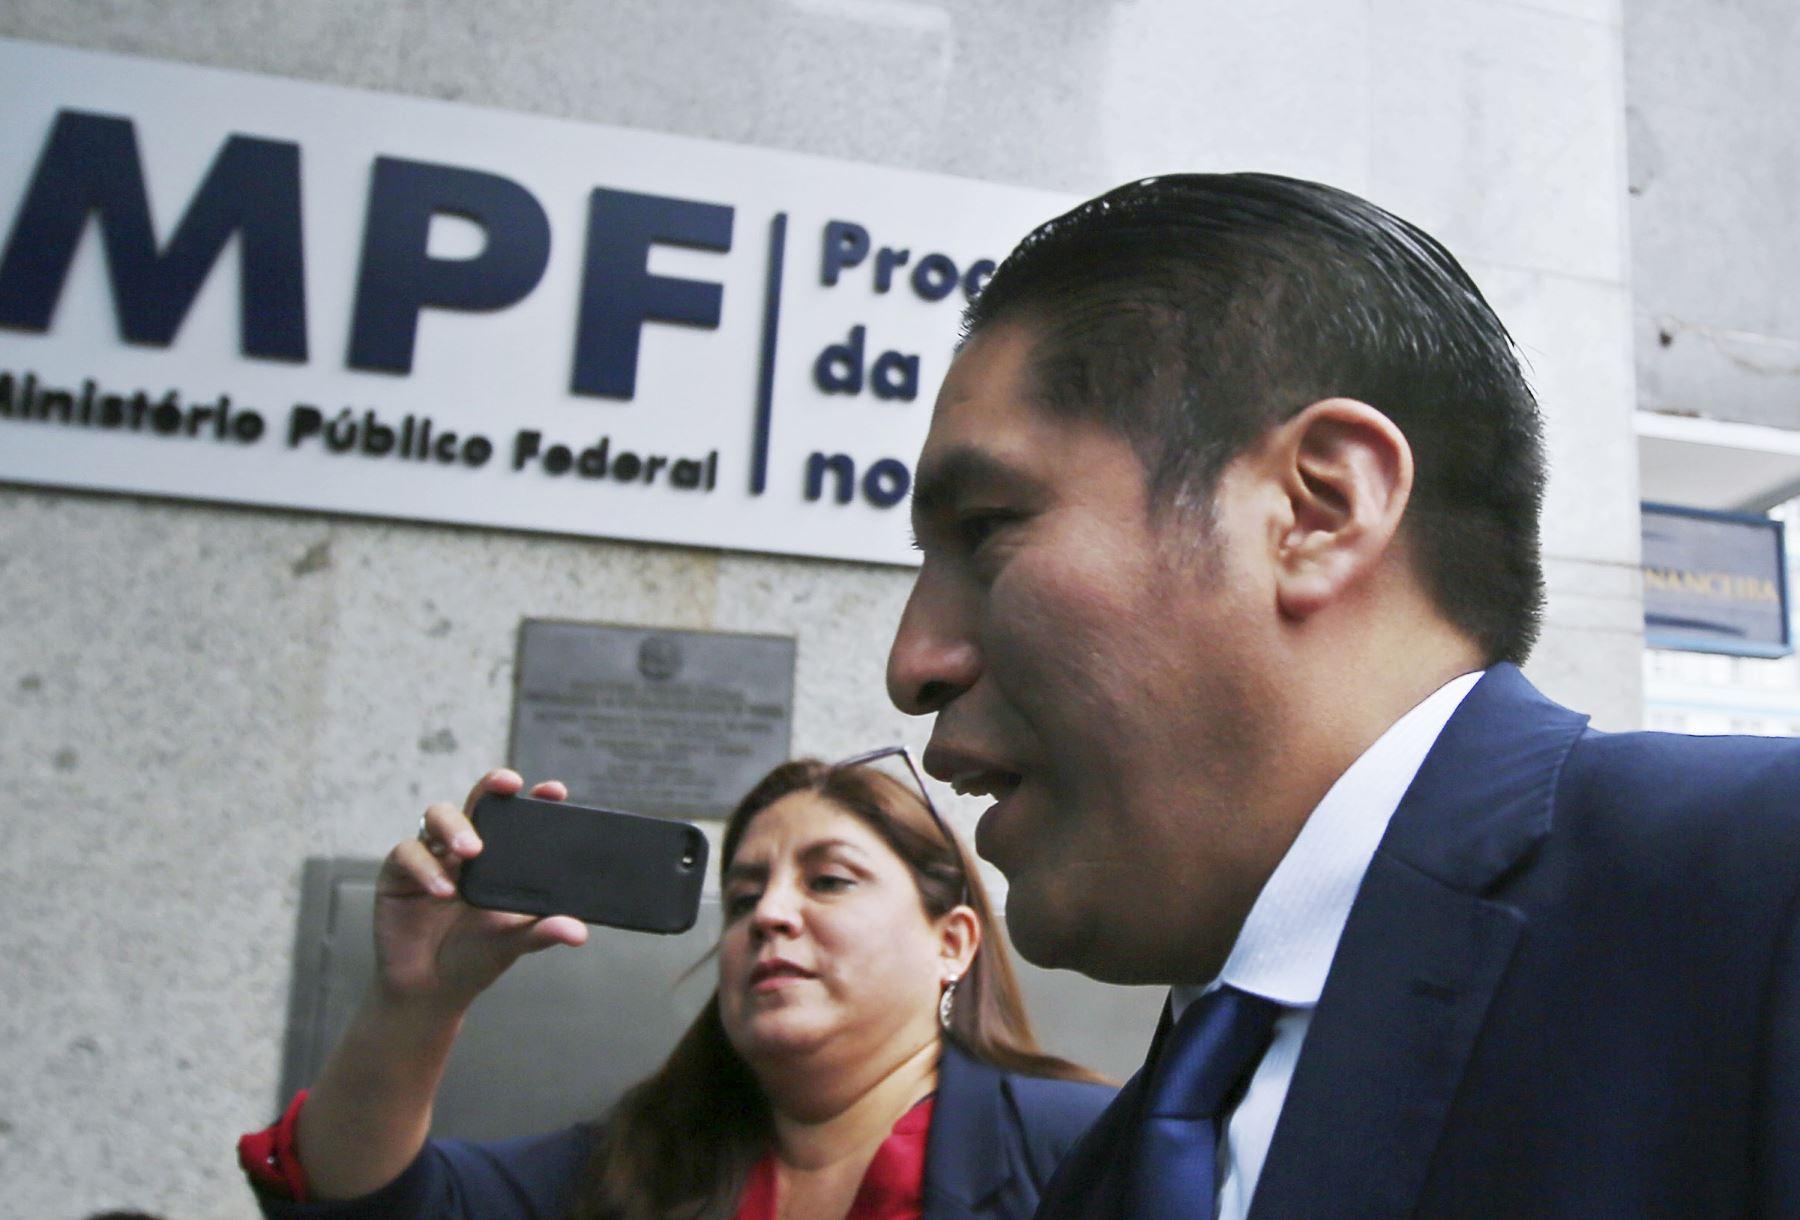 El fiscal Carlos Puma llega al Ministerio Público Federal en Curitiba, Brasil. Foto: AFP